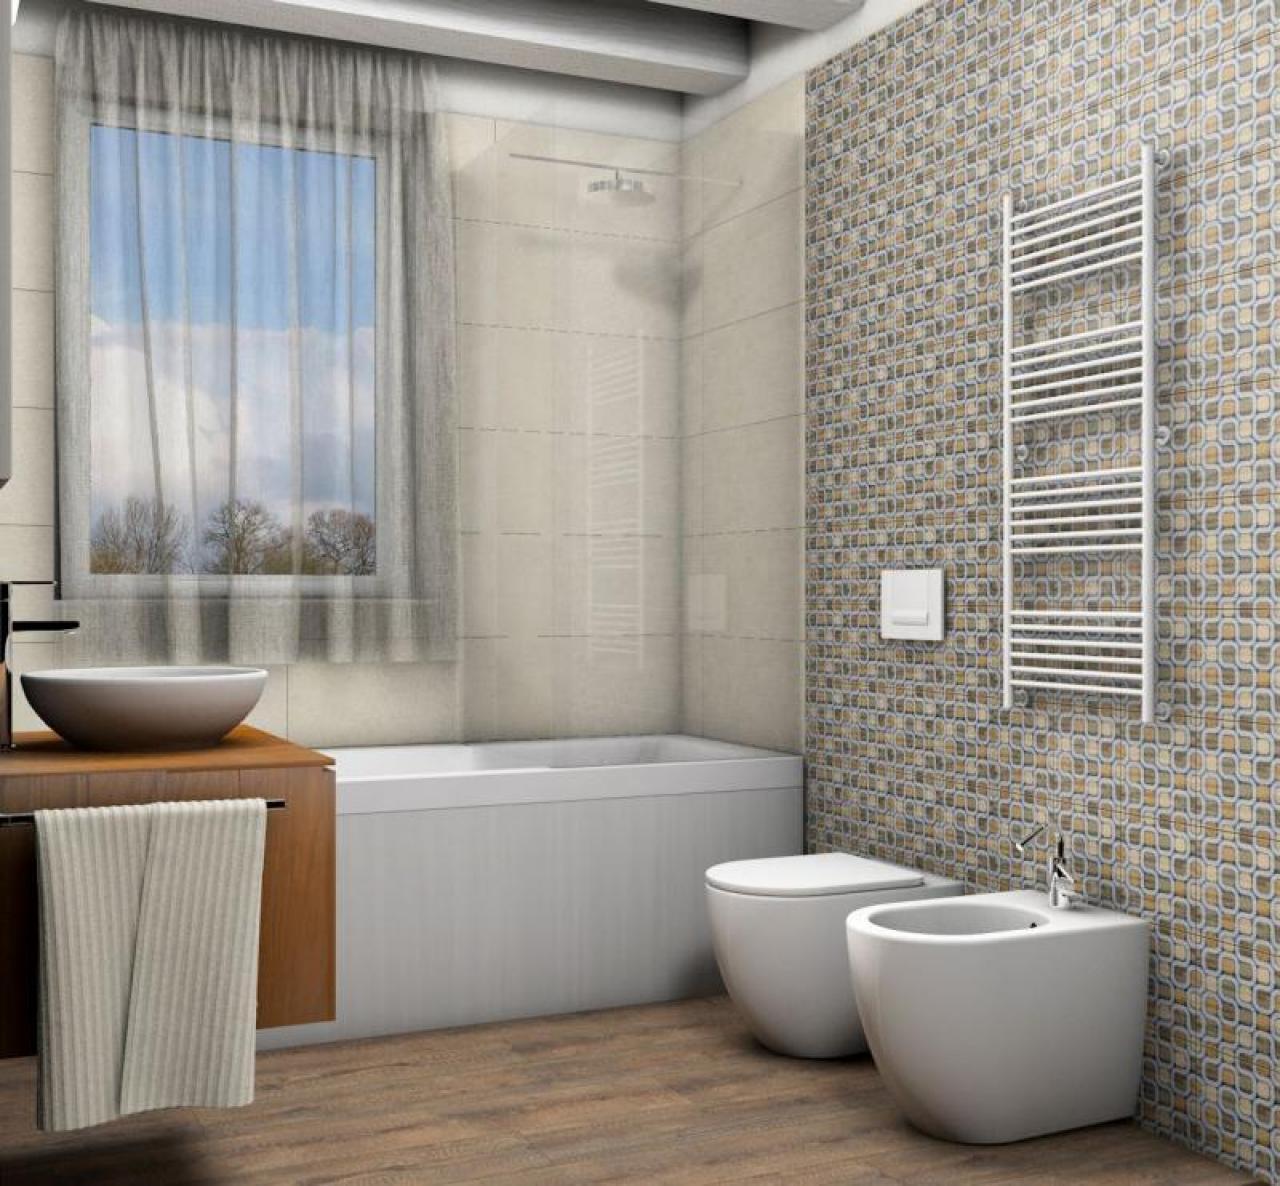 Modernizzare un bagno piccolo fratelli pellizzari - Bagno piccolo moderno ...